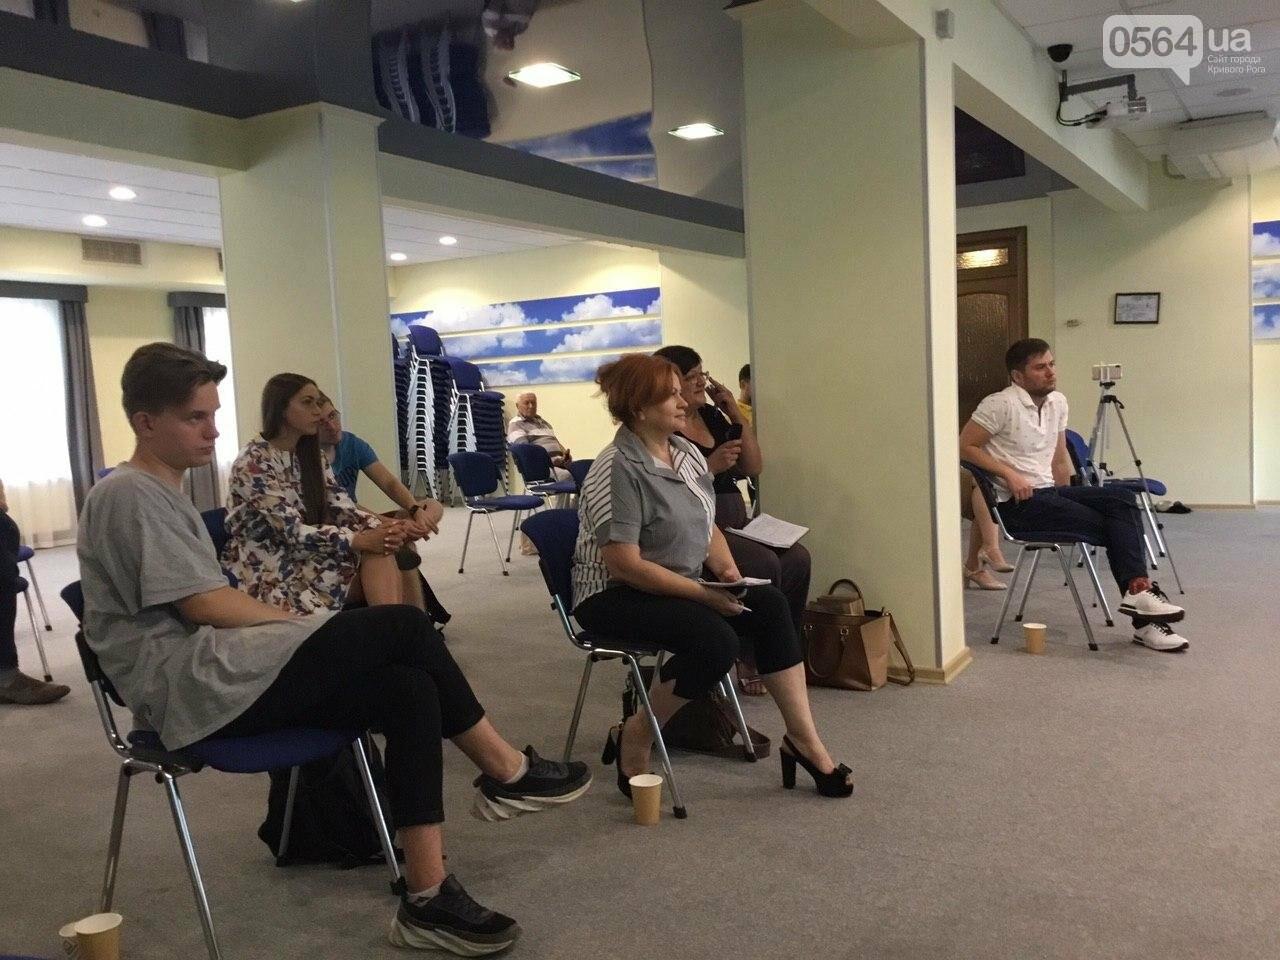 Криворожане обсудили с известным экспертом вопросы децентрализации и избирательных новшеств, - ФОТО, ВИДЕО, фото-10